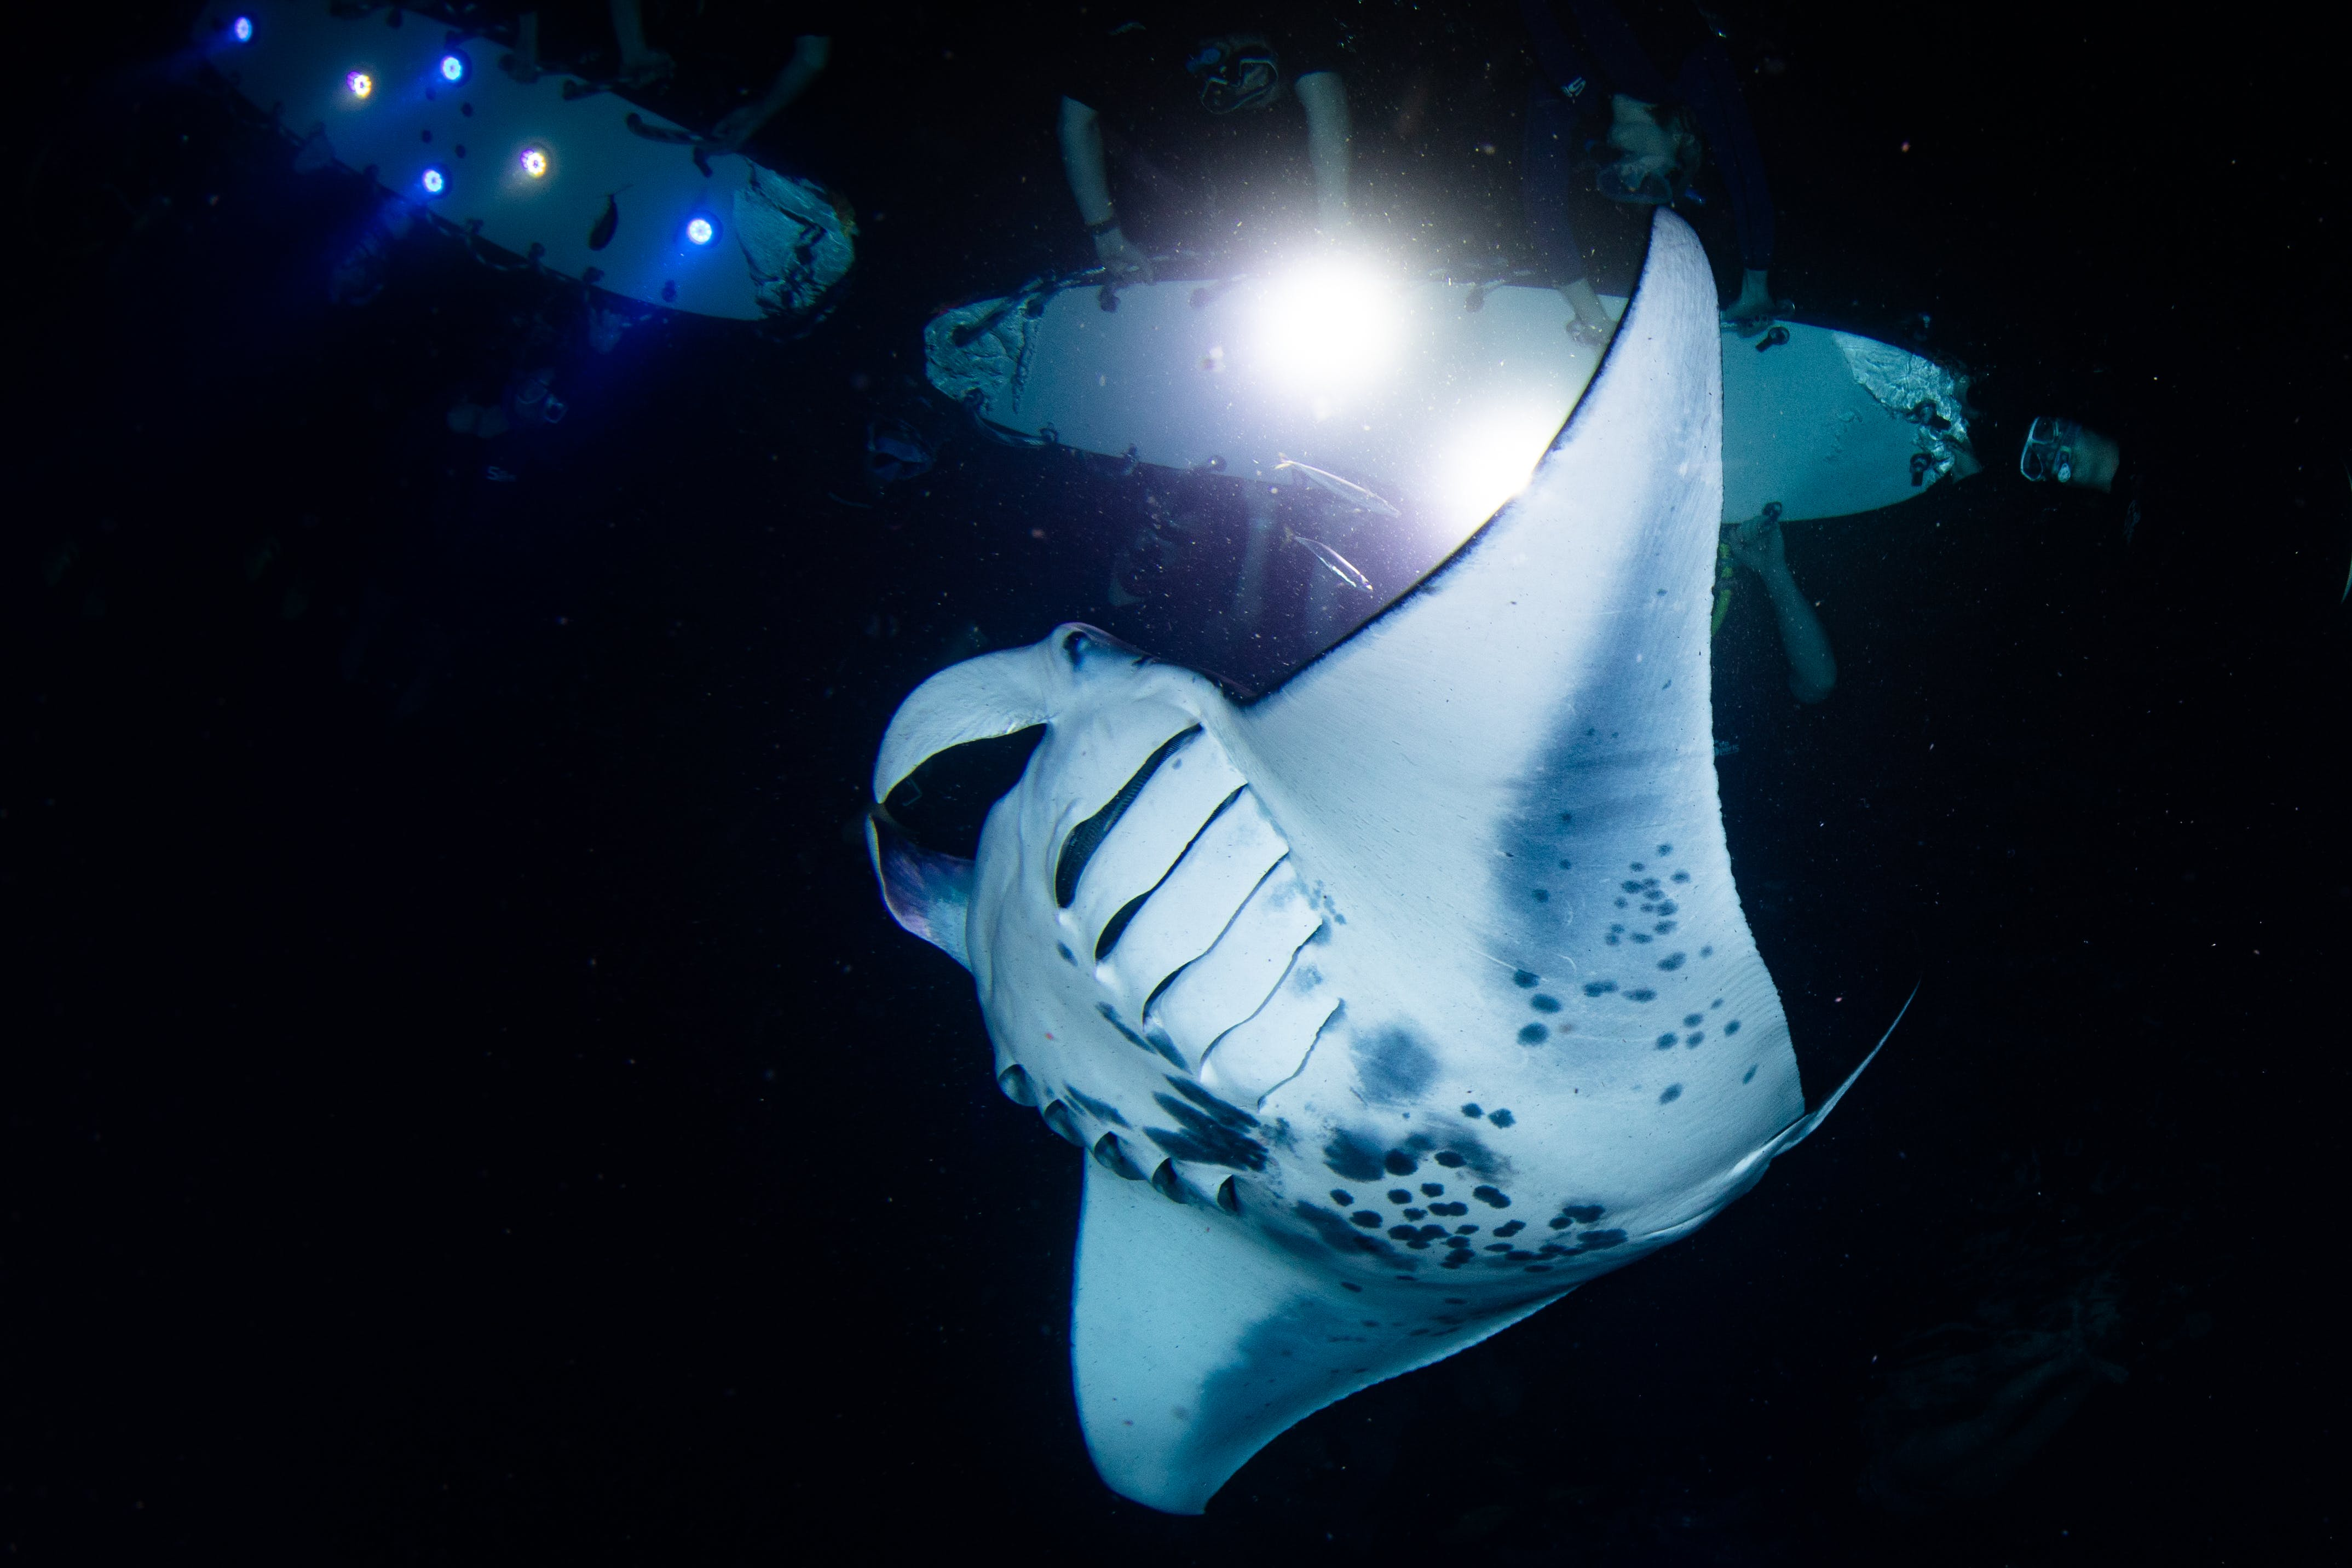 manta ray swimming at night